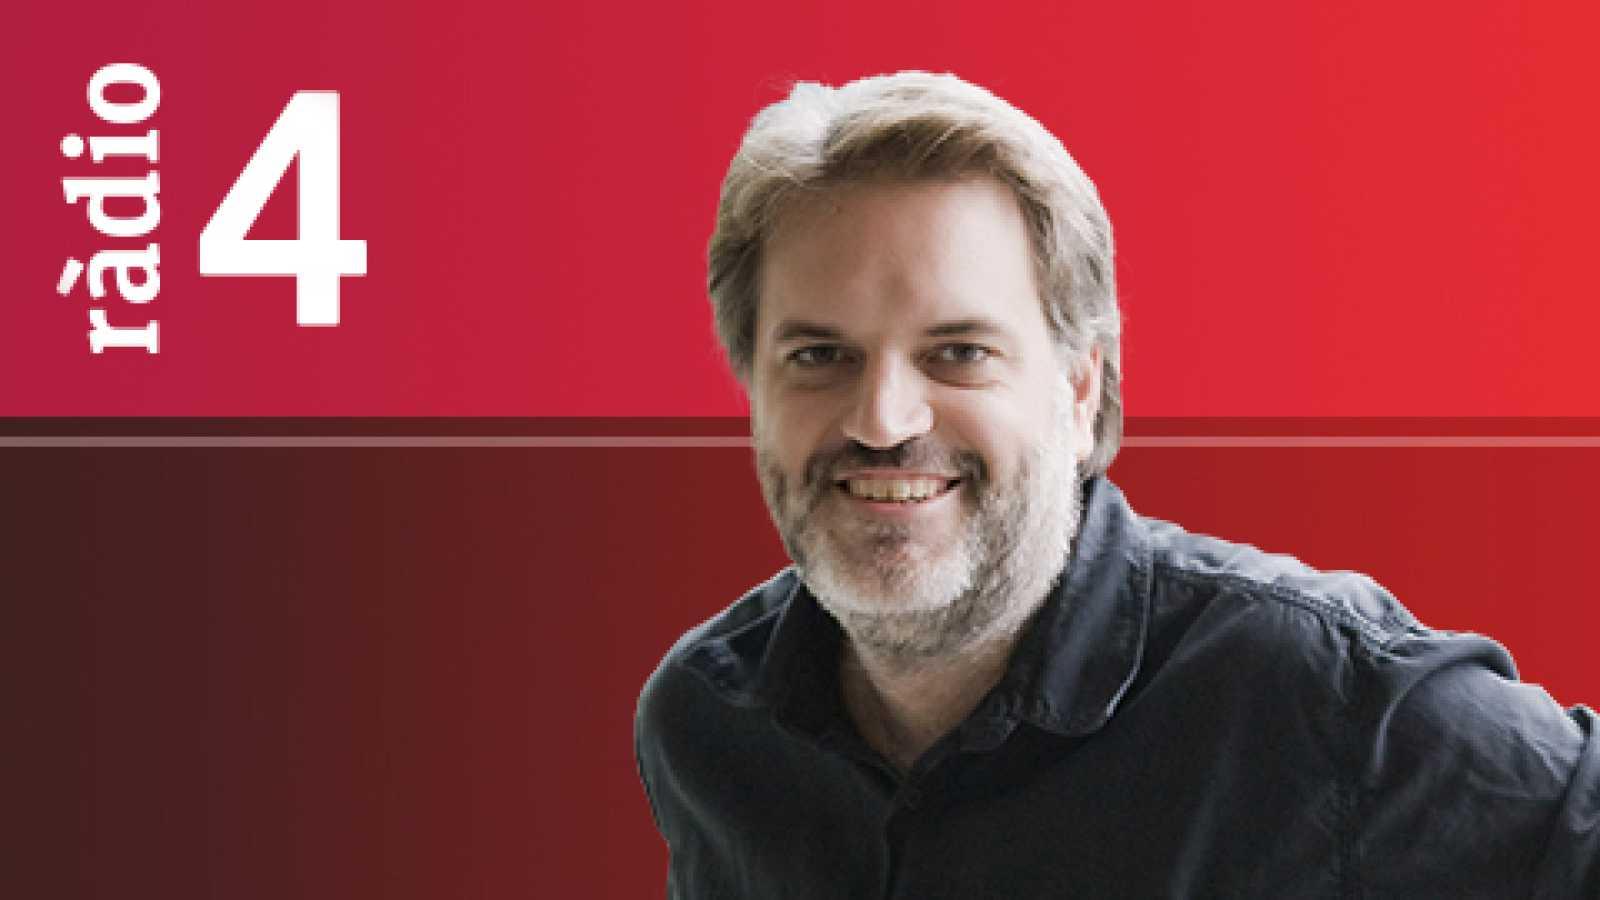 El matí a Ràdio 4 - Tertúlia política (segueix). Entrevista: 112